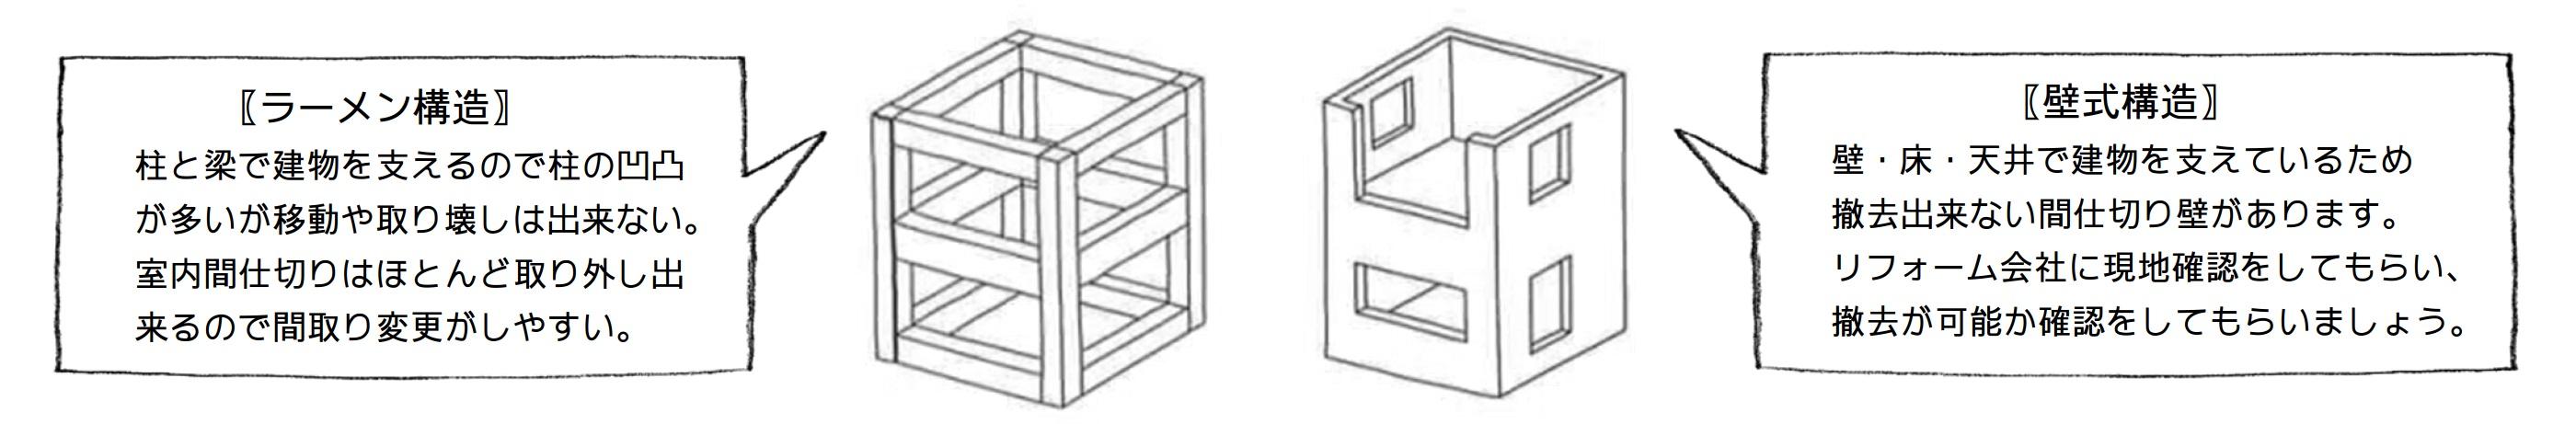 ラーメン構造・壁式構造